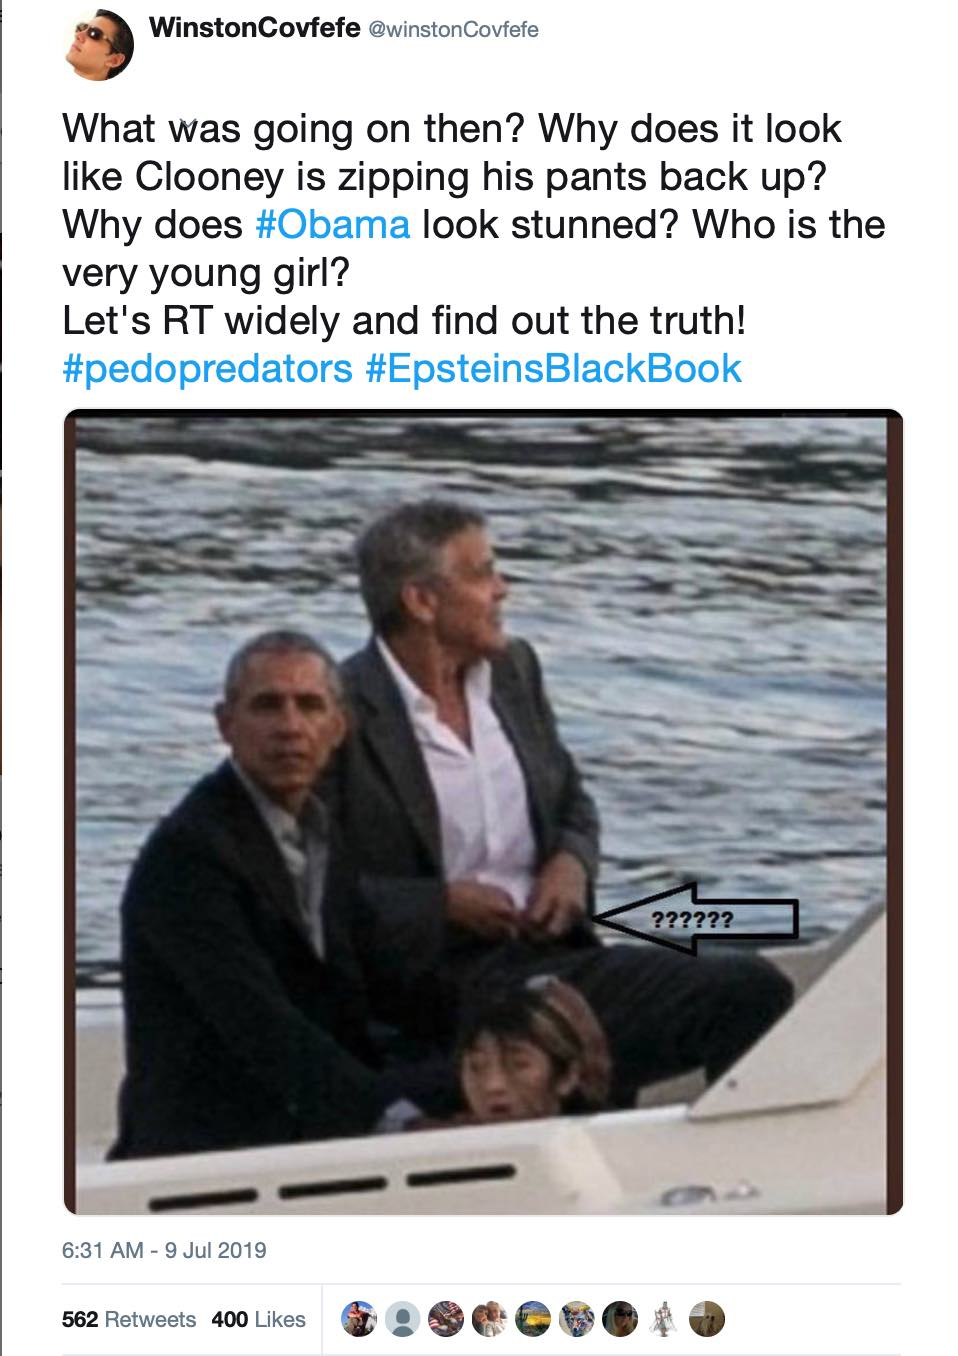 Trino sobre Obama y Clooney